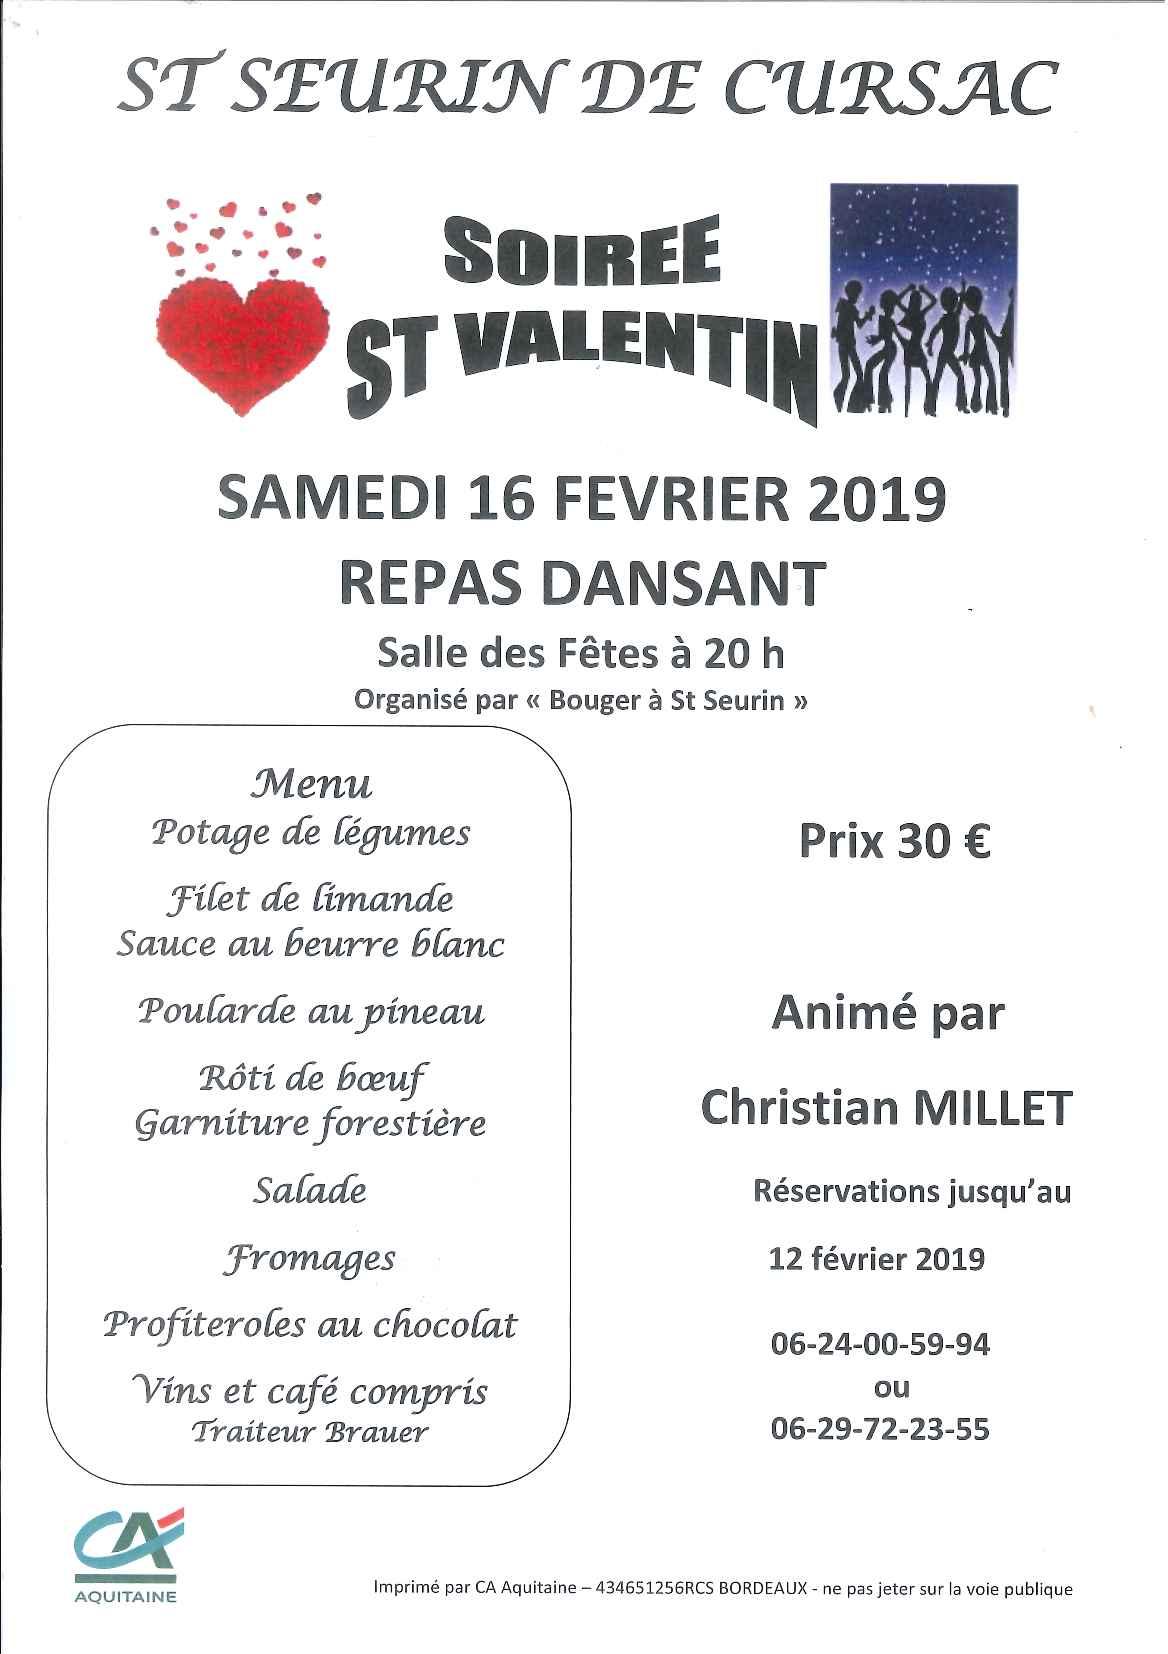 Bouger à St Seurin - Soirée St Valentin